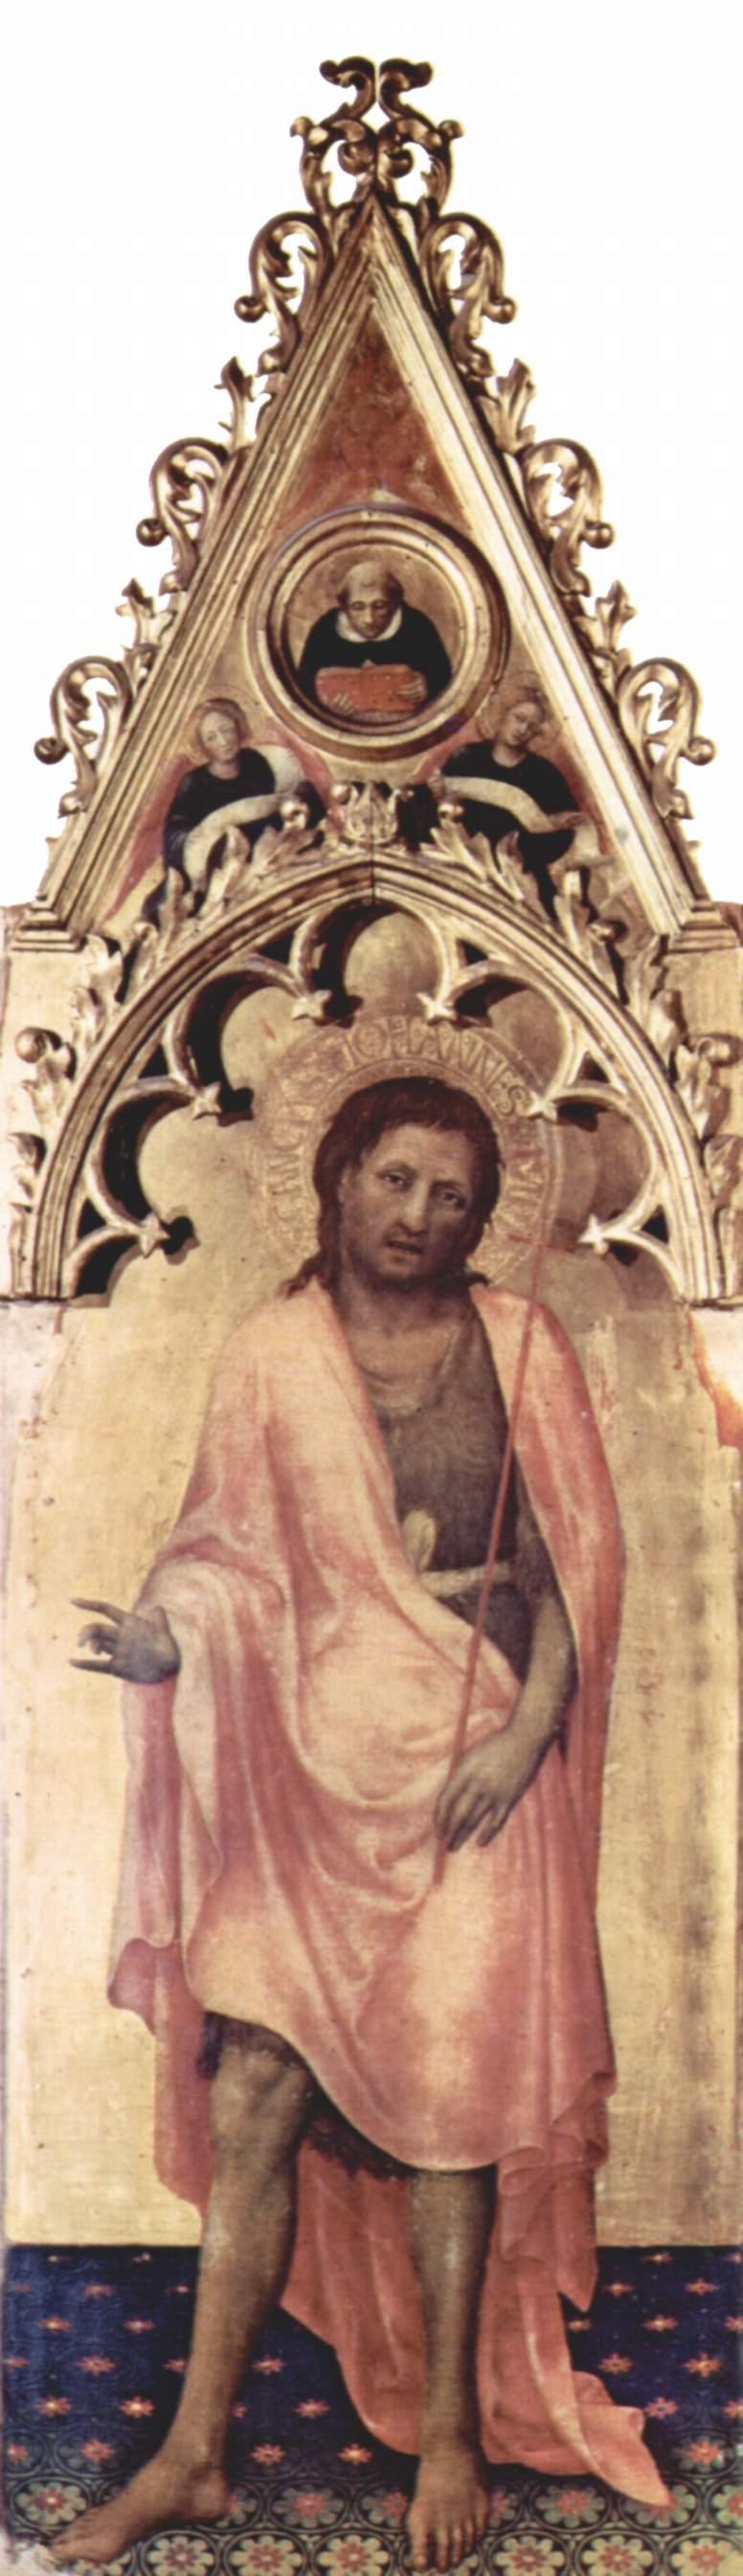 Полиптих Кваратези [10], боковая доска. Иоанн Креститель, Джентиле да Фабриано